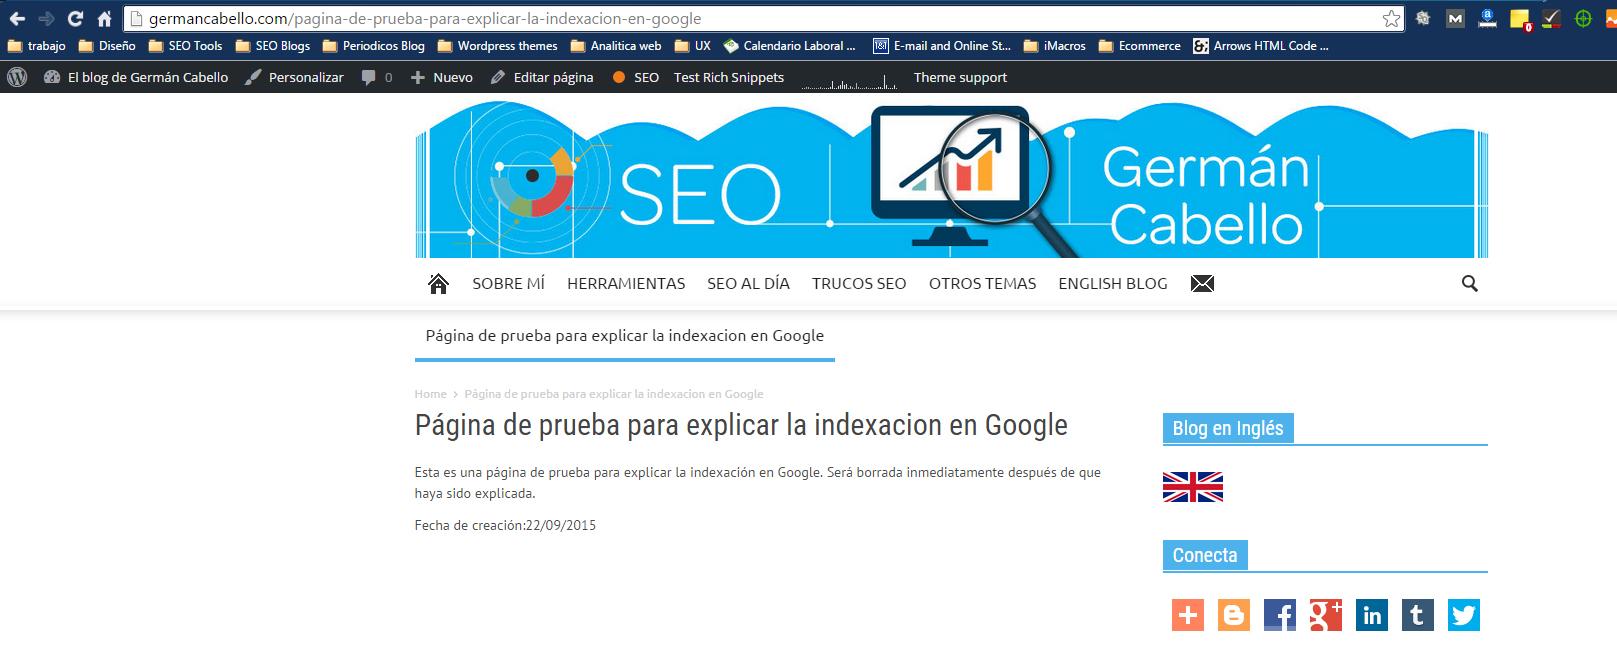 pagina real de indexacion en google